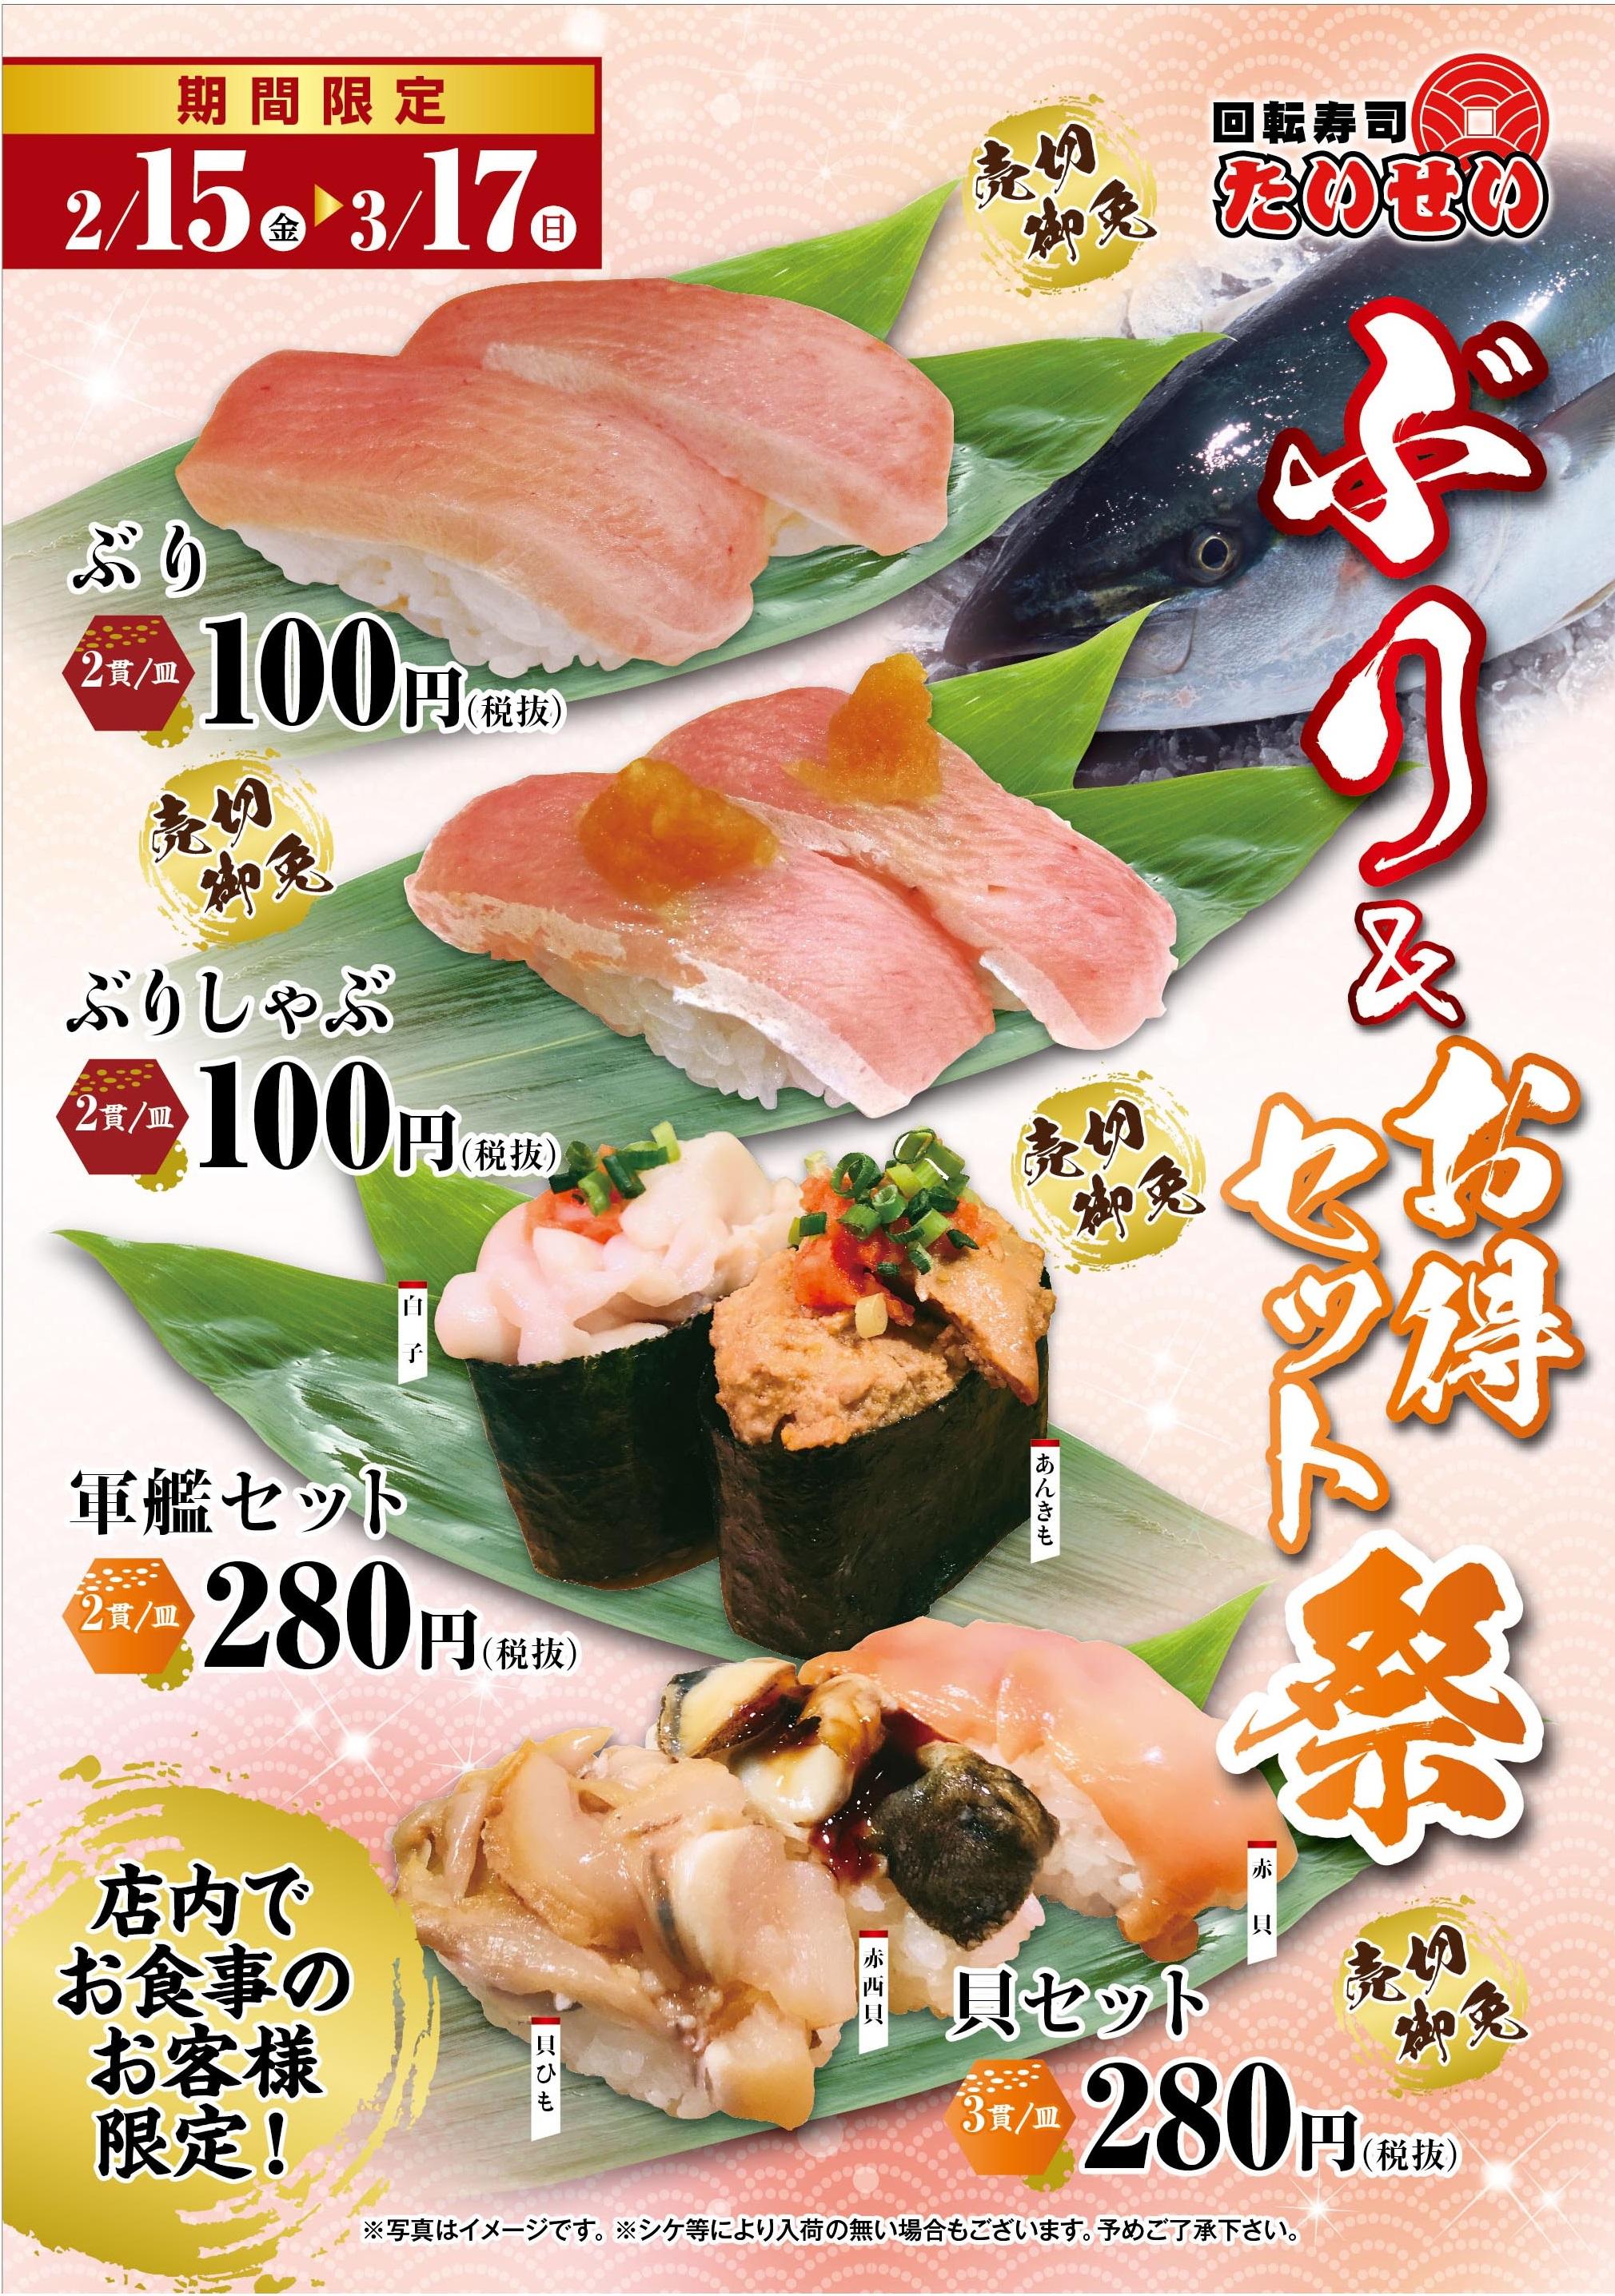 【府中本店・調布北口店】ぶり&お得セット祭